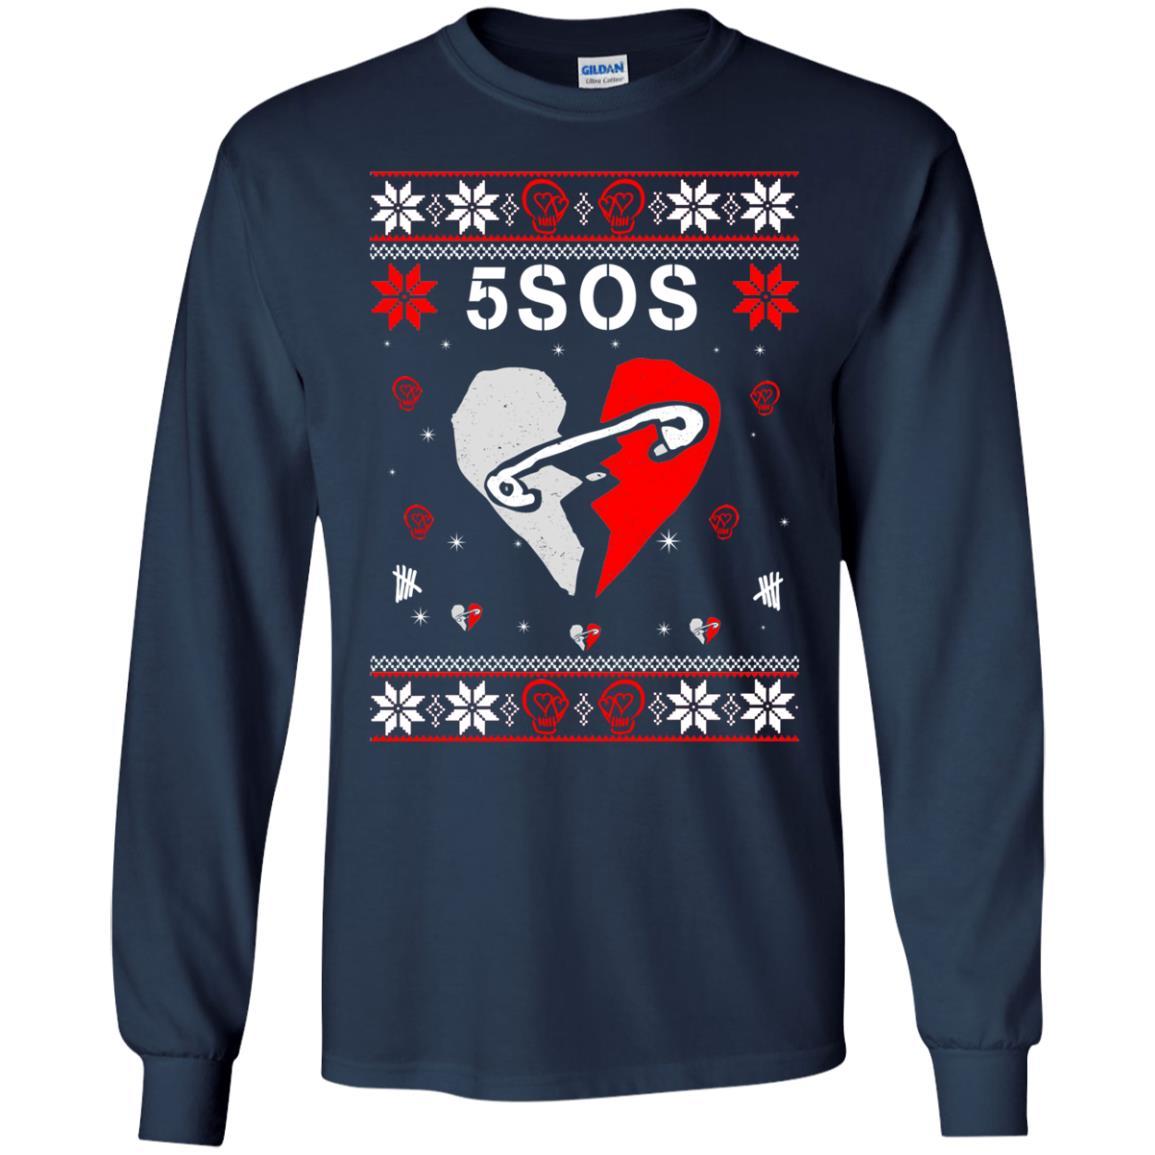 image 152 - 5SOS Christmas Sweater, Ugly Sweatshirts